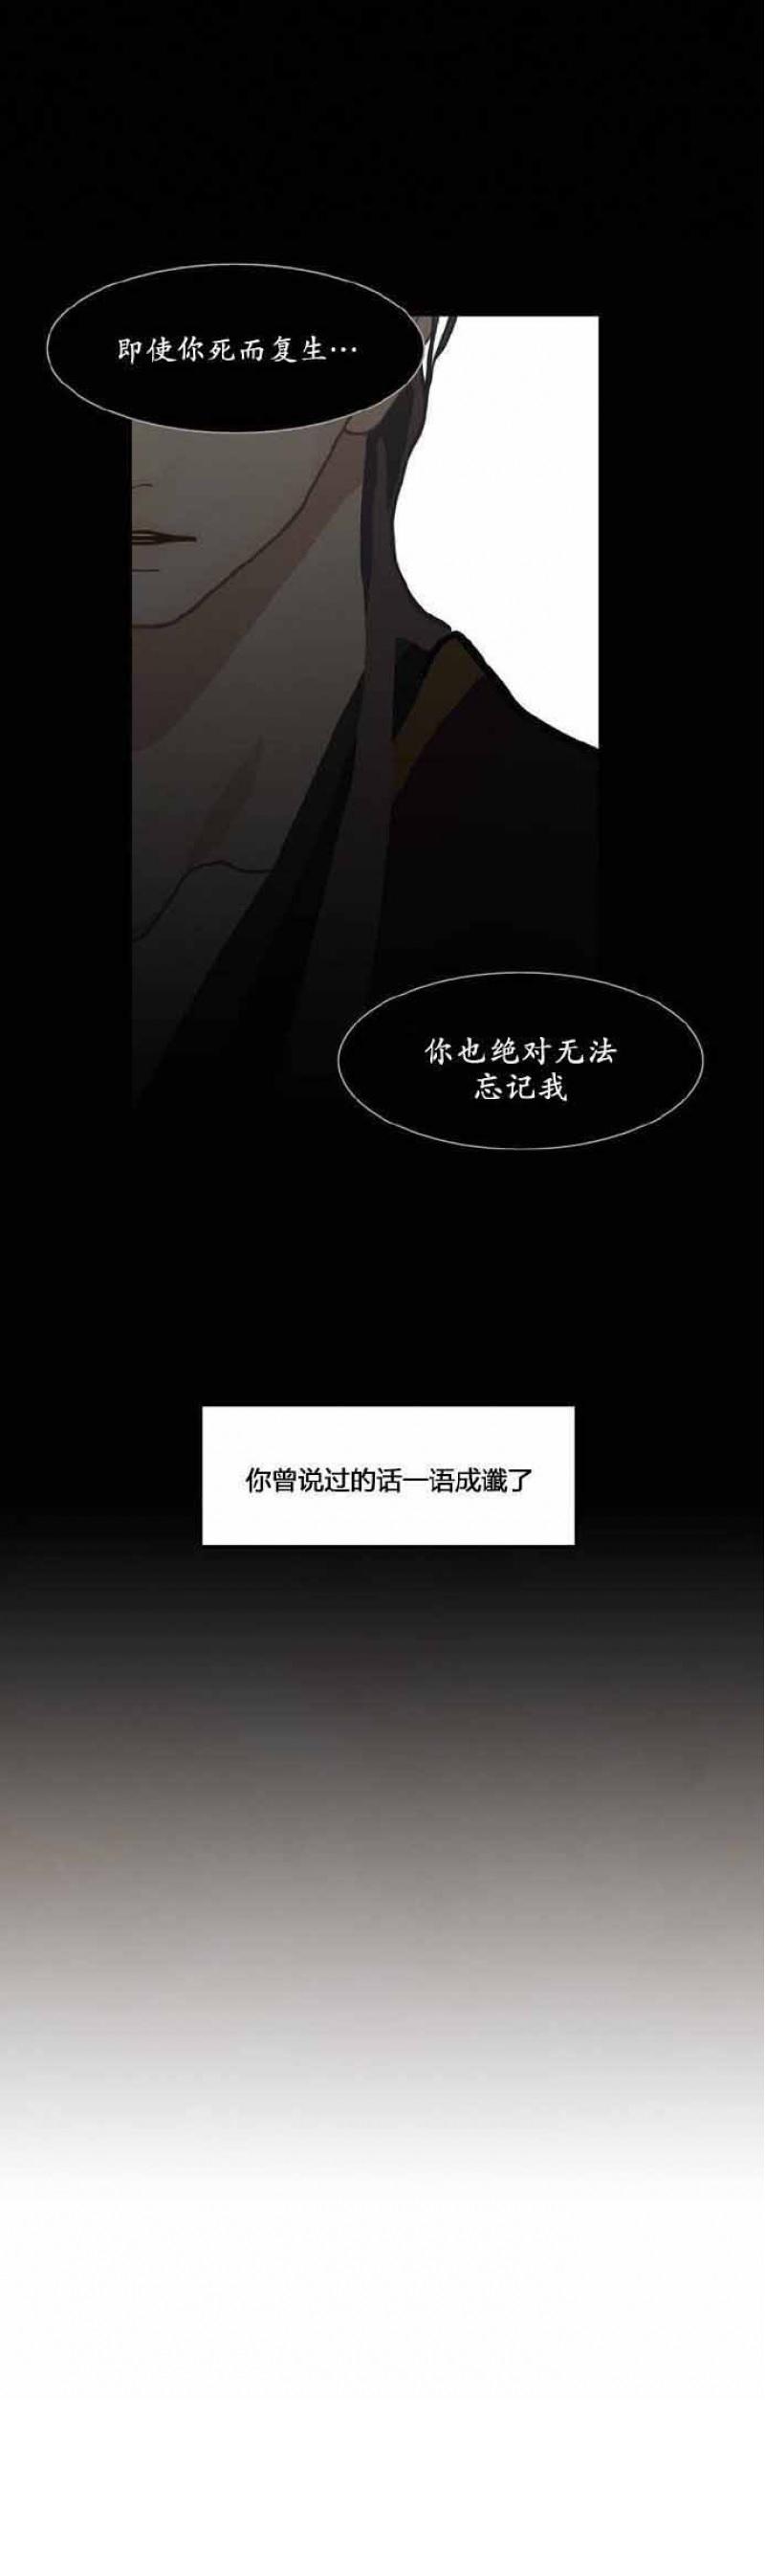 嗨漫部落经典古风耽美漫画推荐:巴尔多宫